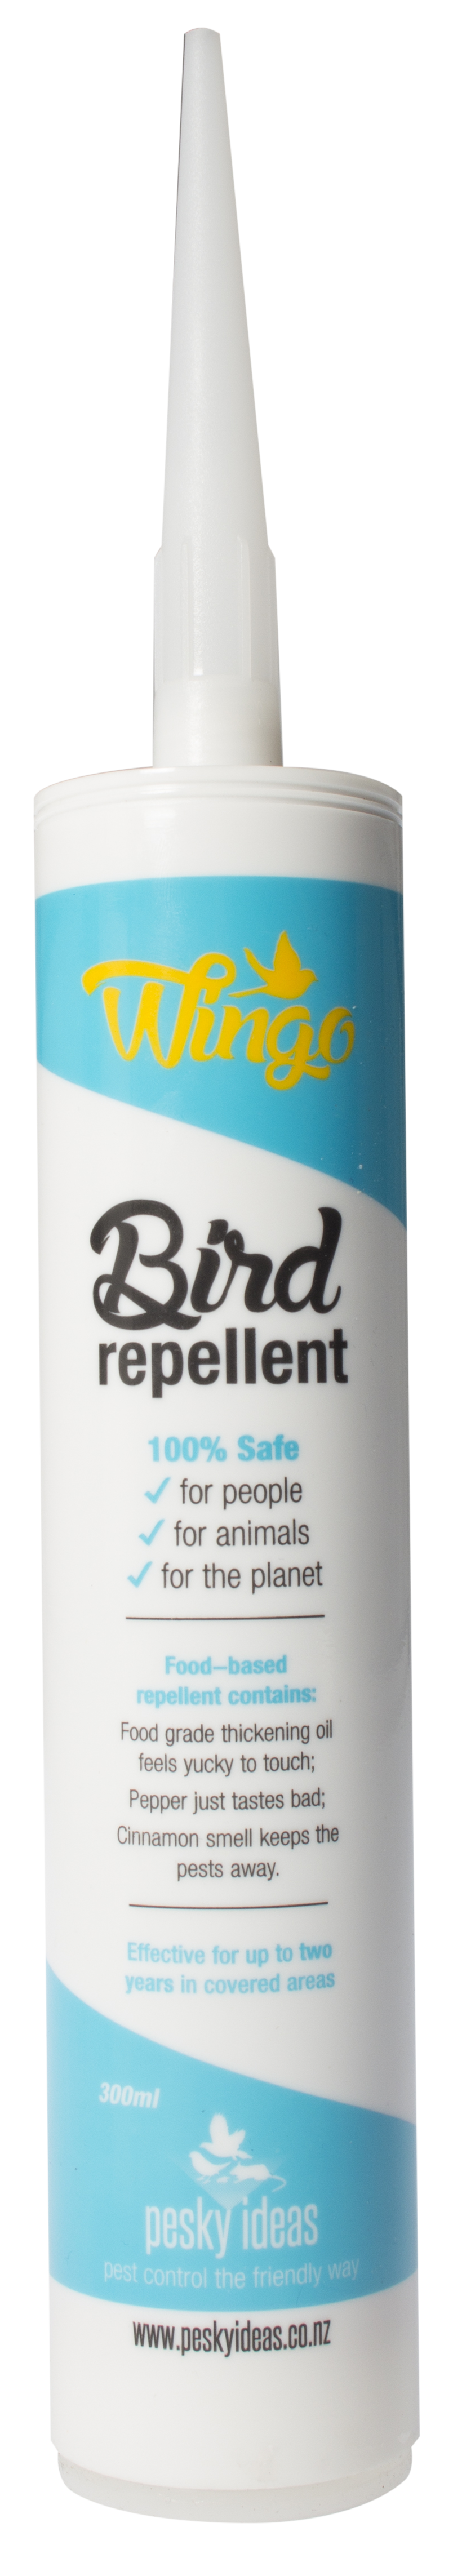 Wingo - Unique Bird Control Formula for pest control | Pesky